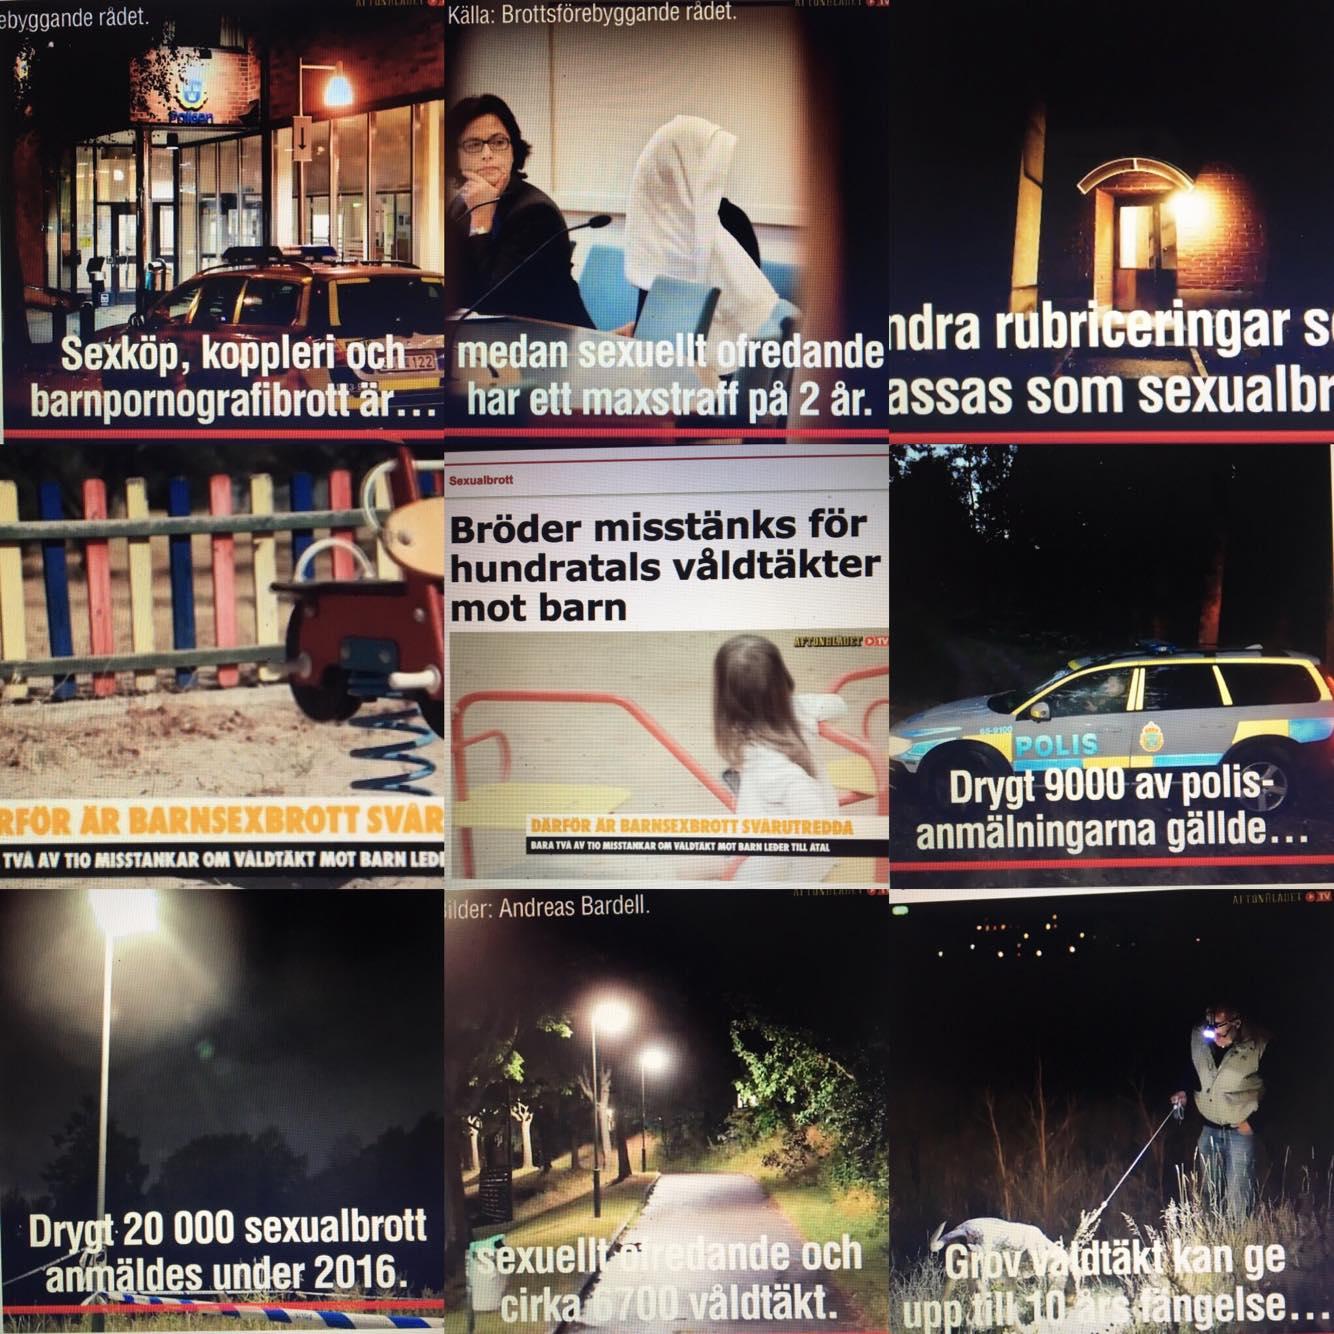 Bilder lånade från Aftonbladet.Fotograf Anders Bardell